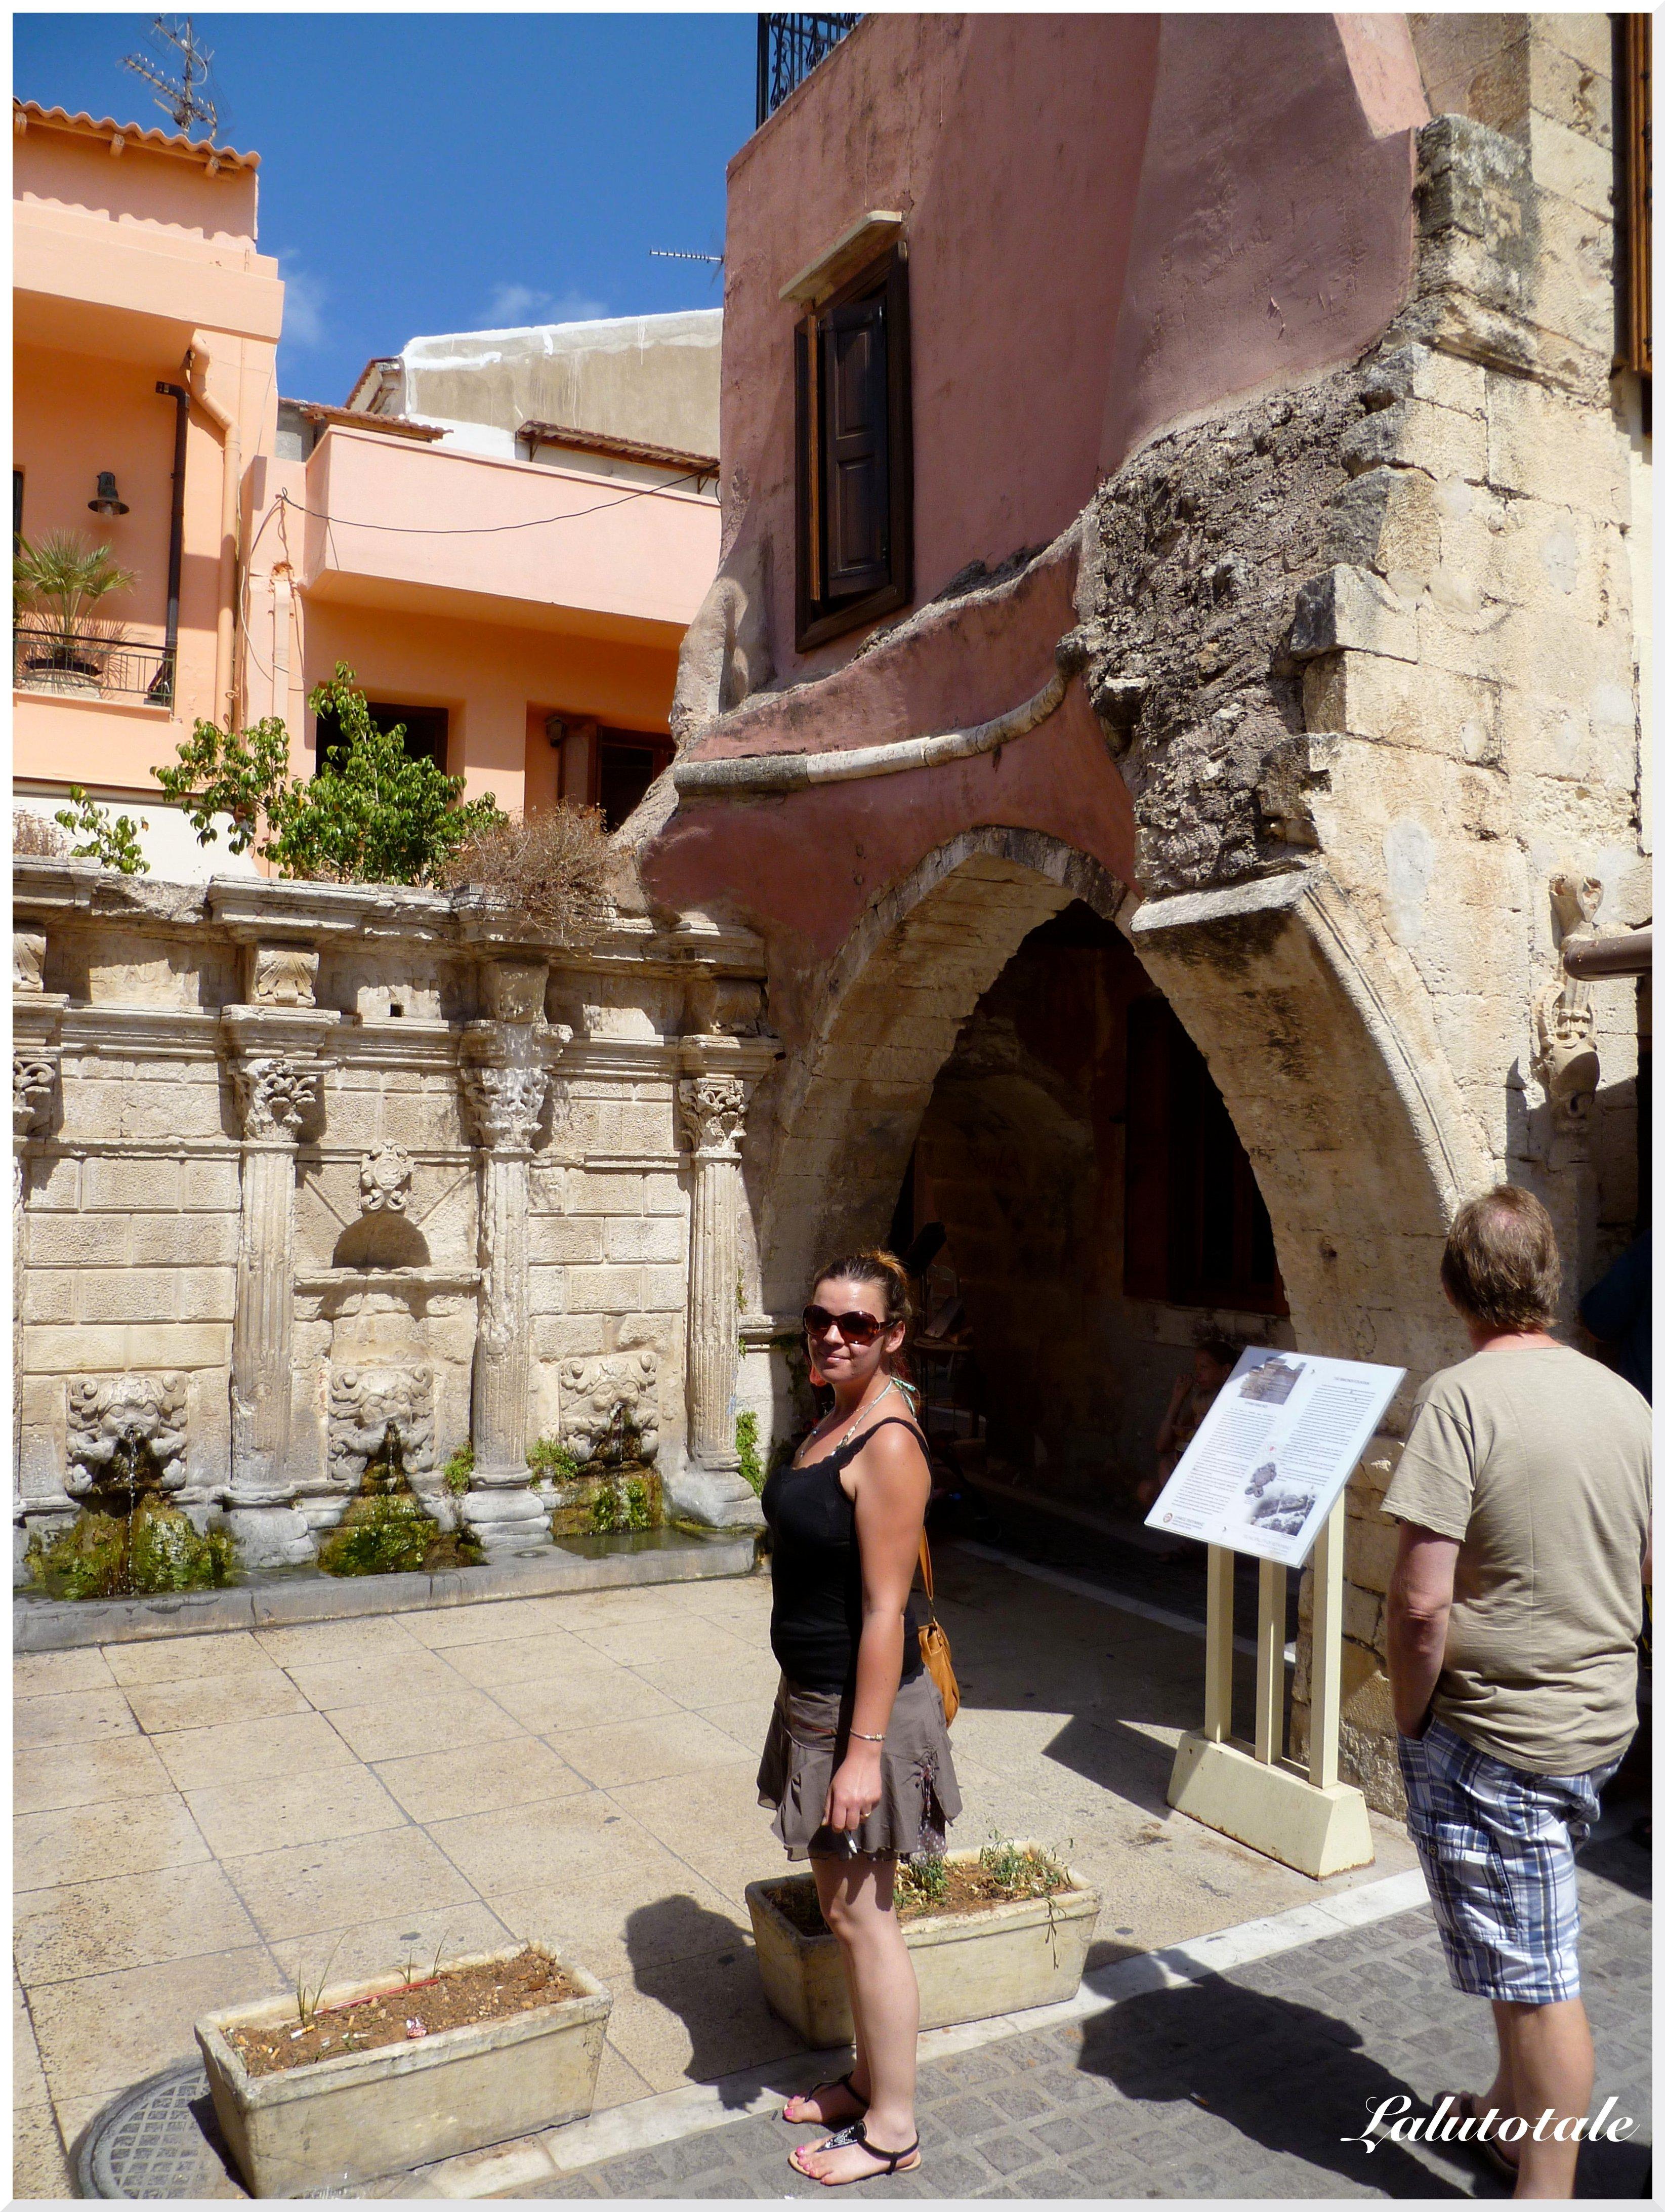 Creta2014 - 0035